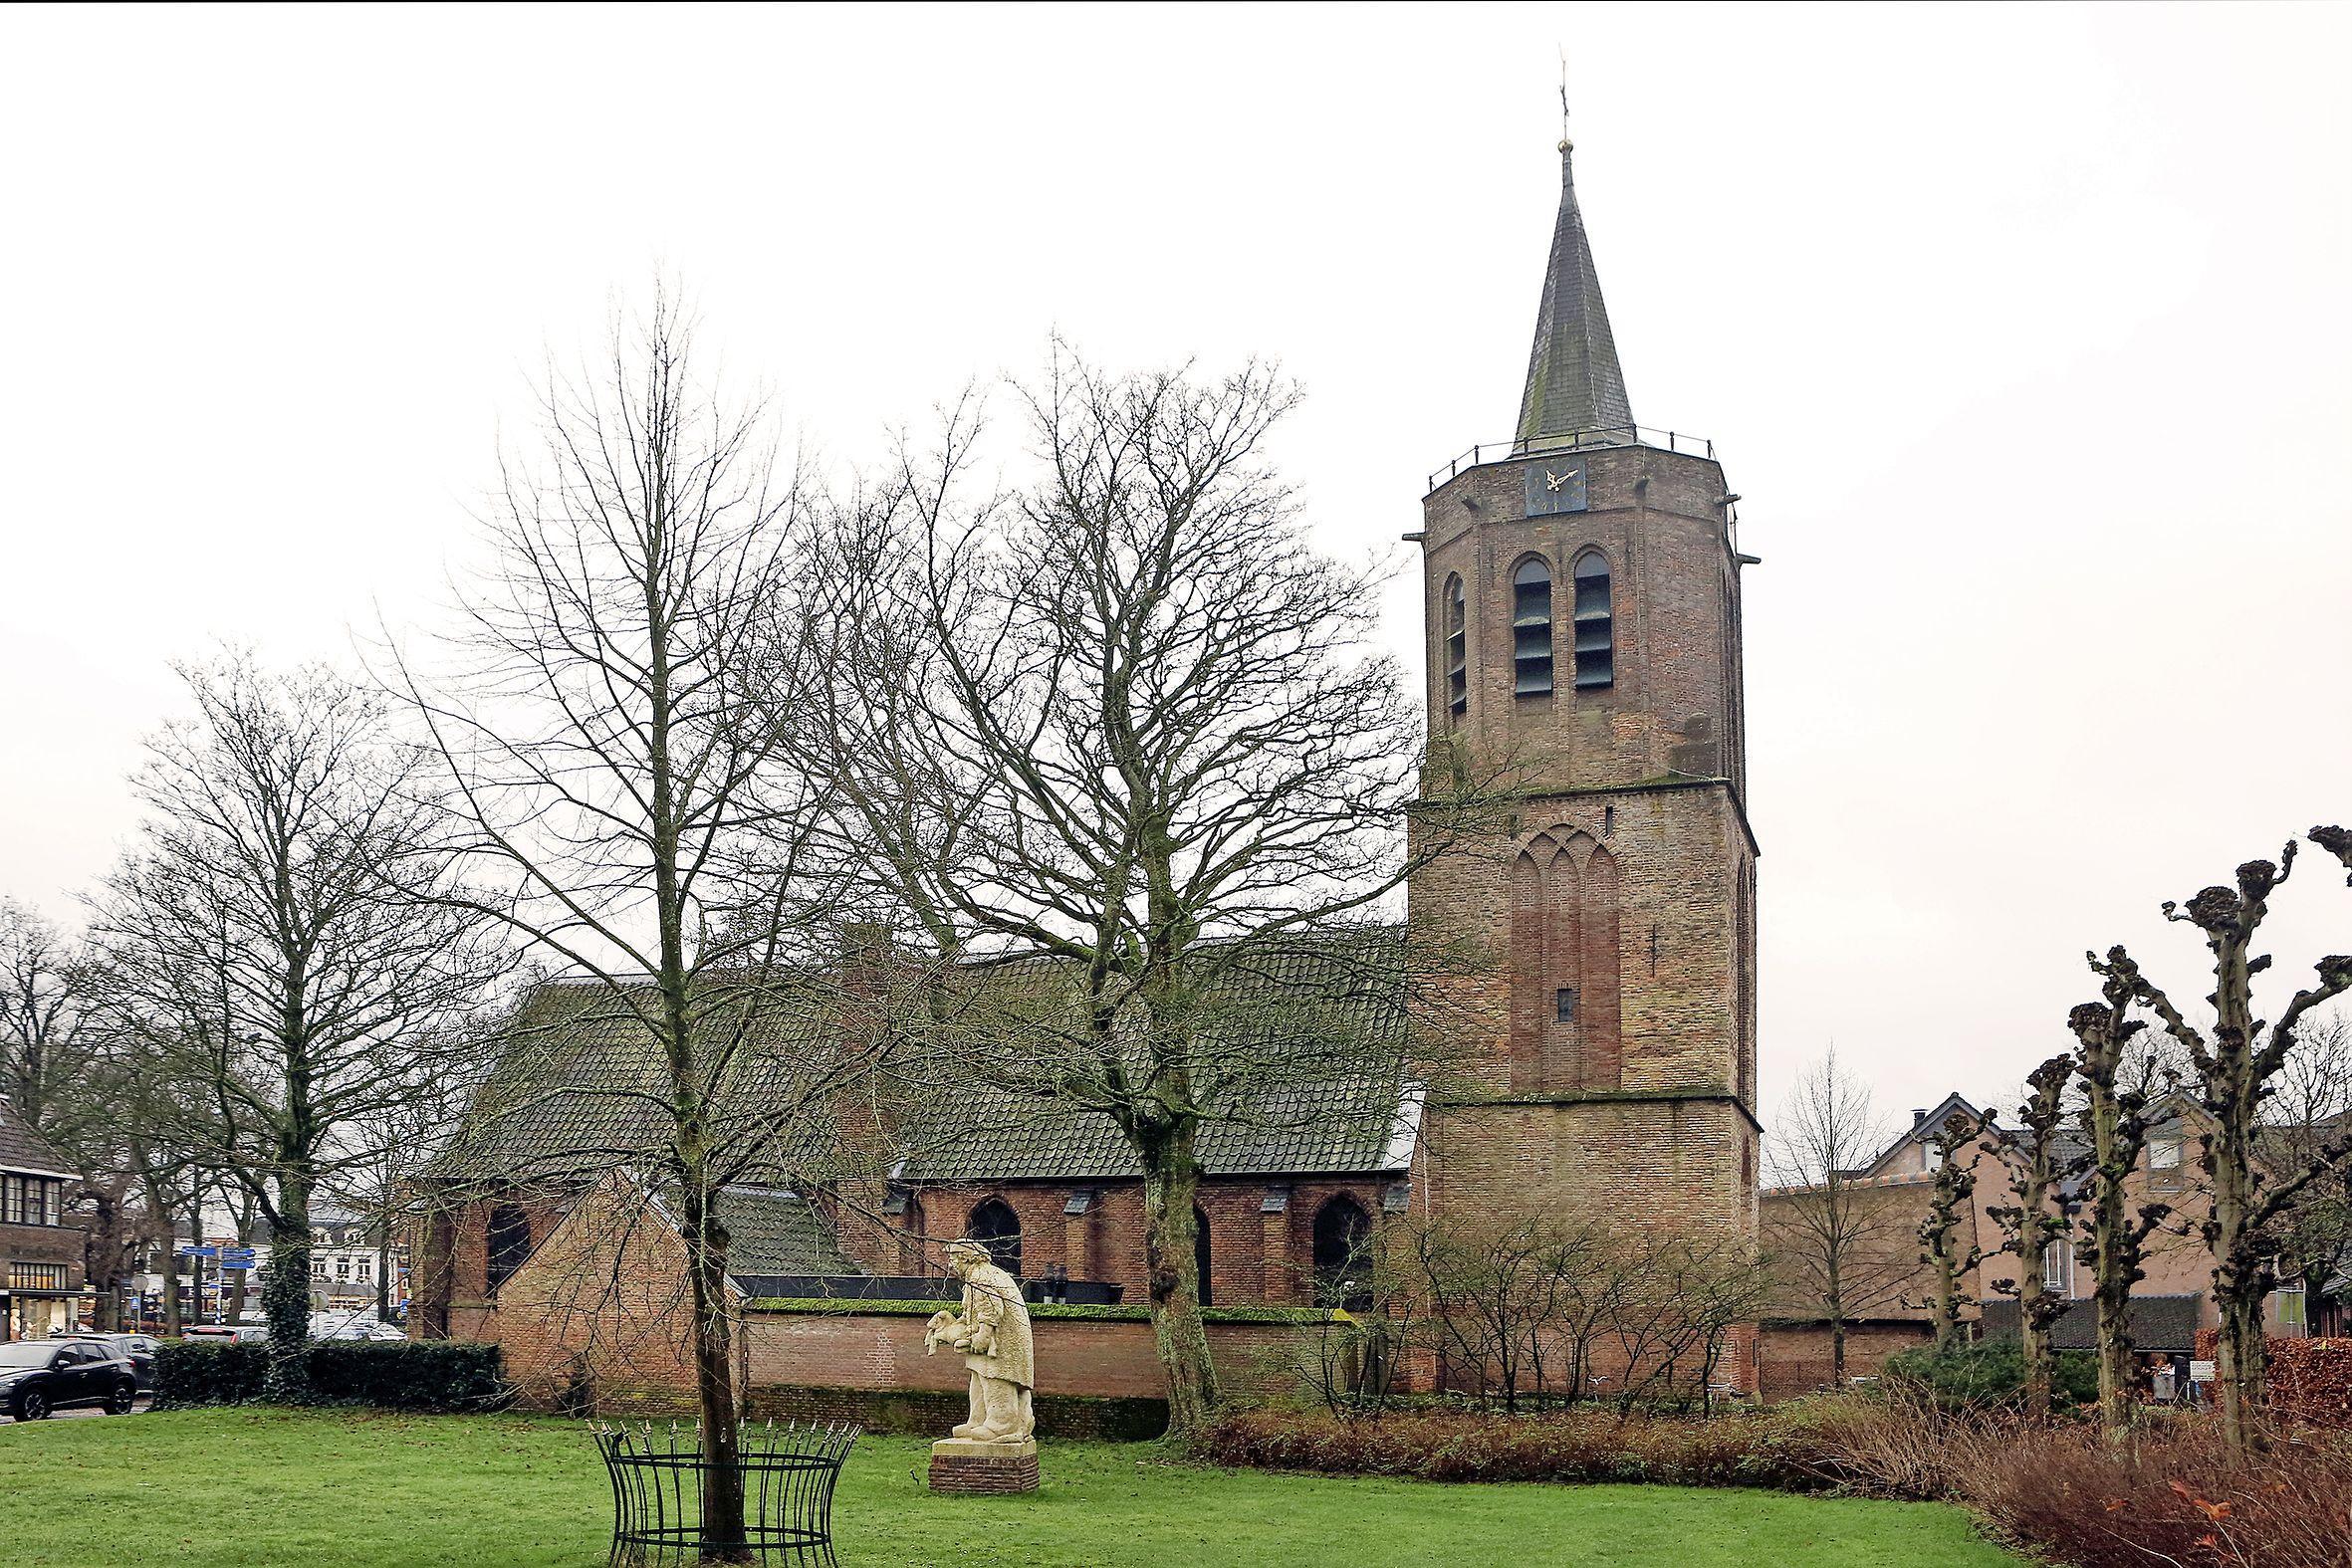 Oudste stemlokaal van het Gooi, misschien wel van Nederland, staat in Laren. Voor één keer stemhokjes in Johanneskerk